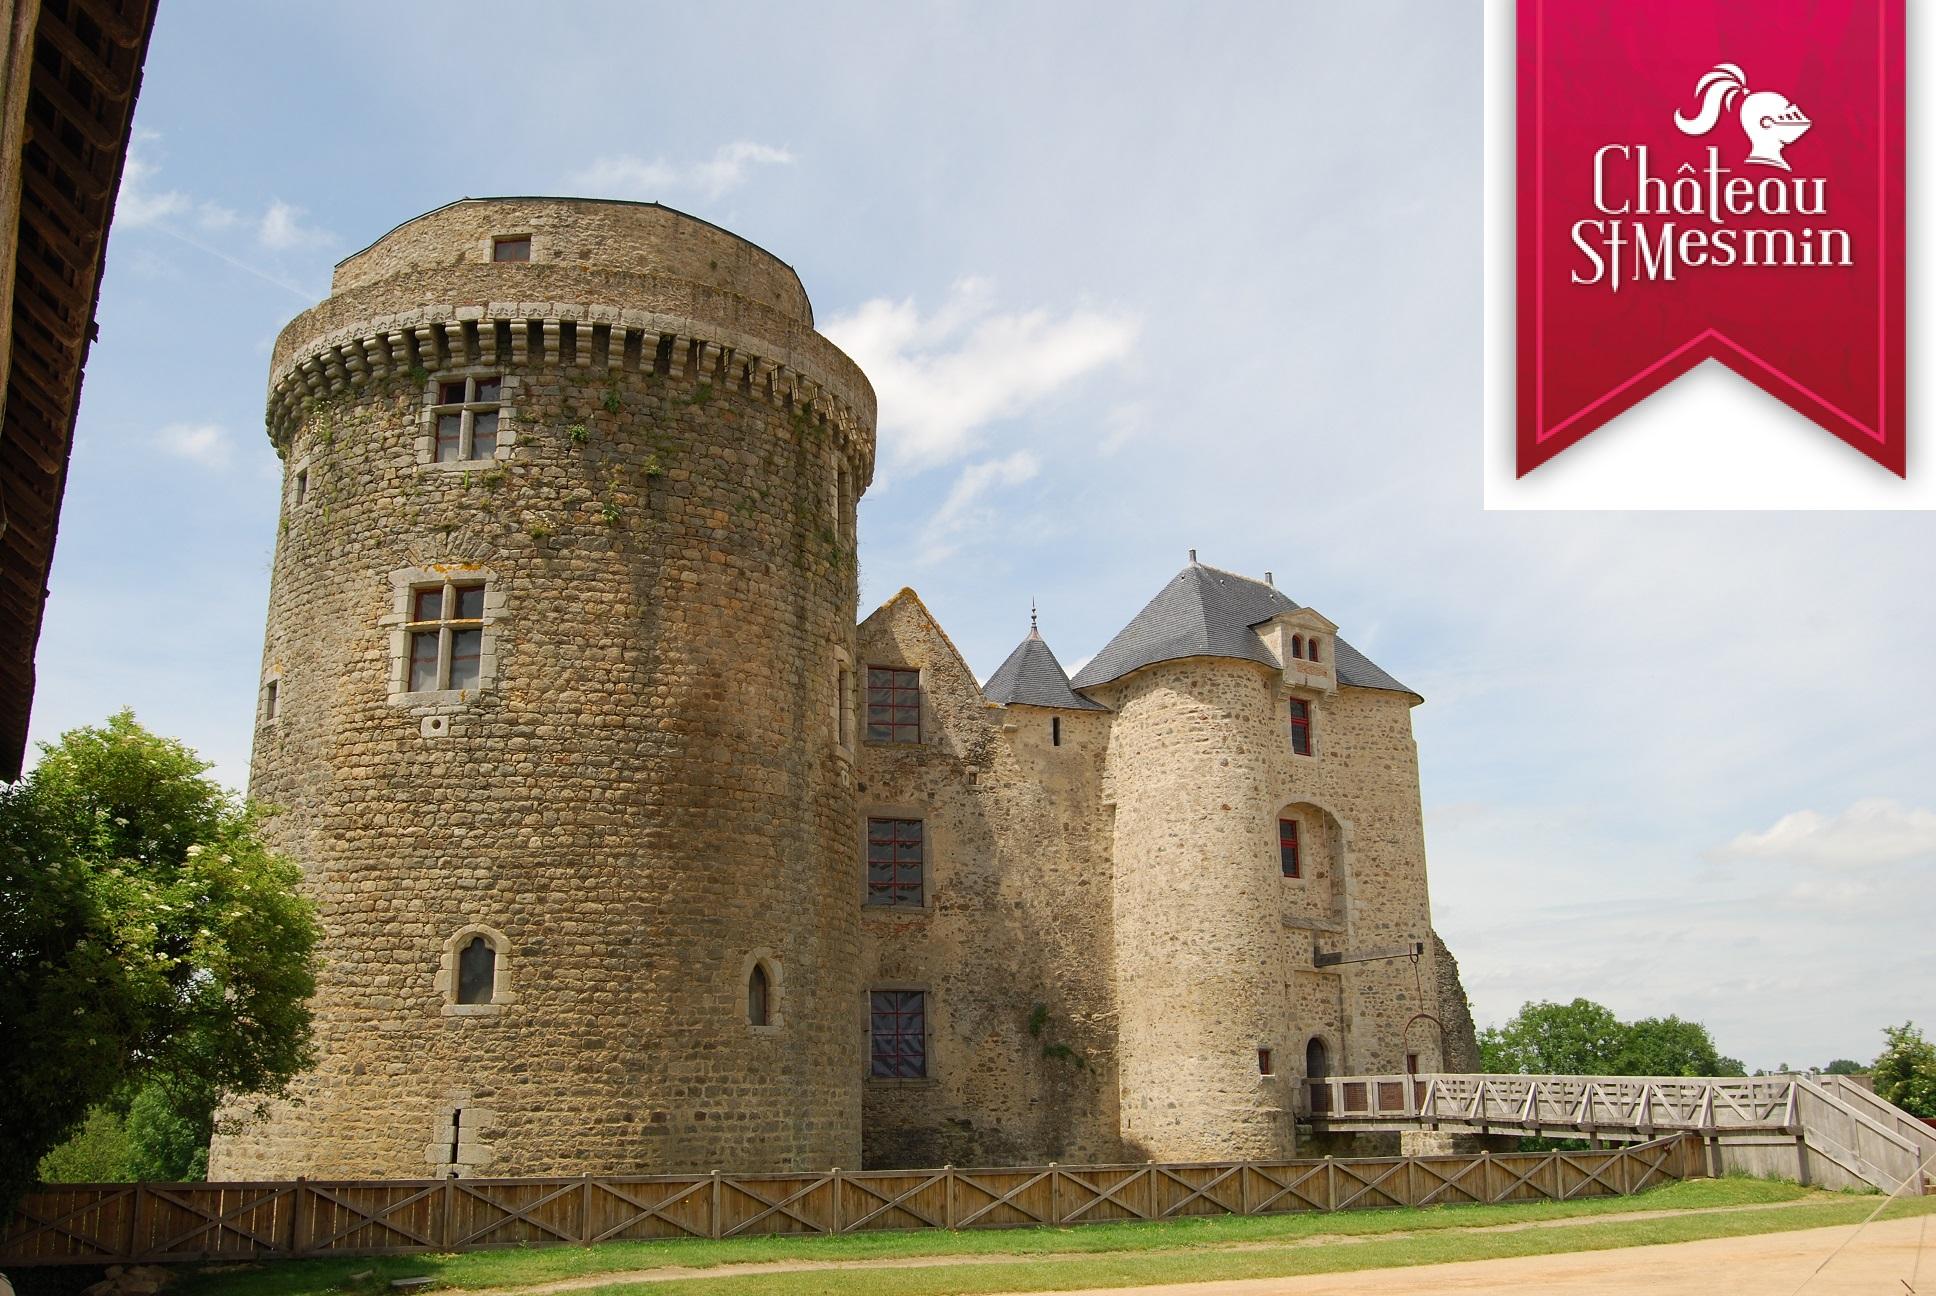 Chateau de St Mesmin